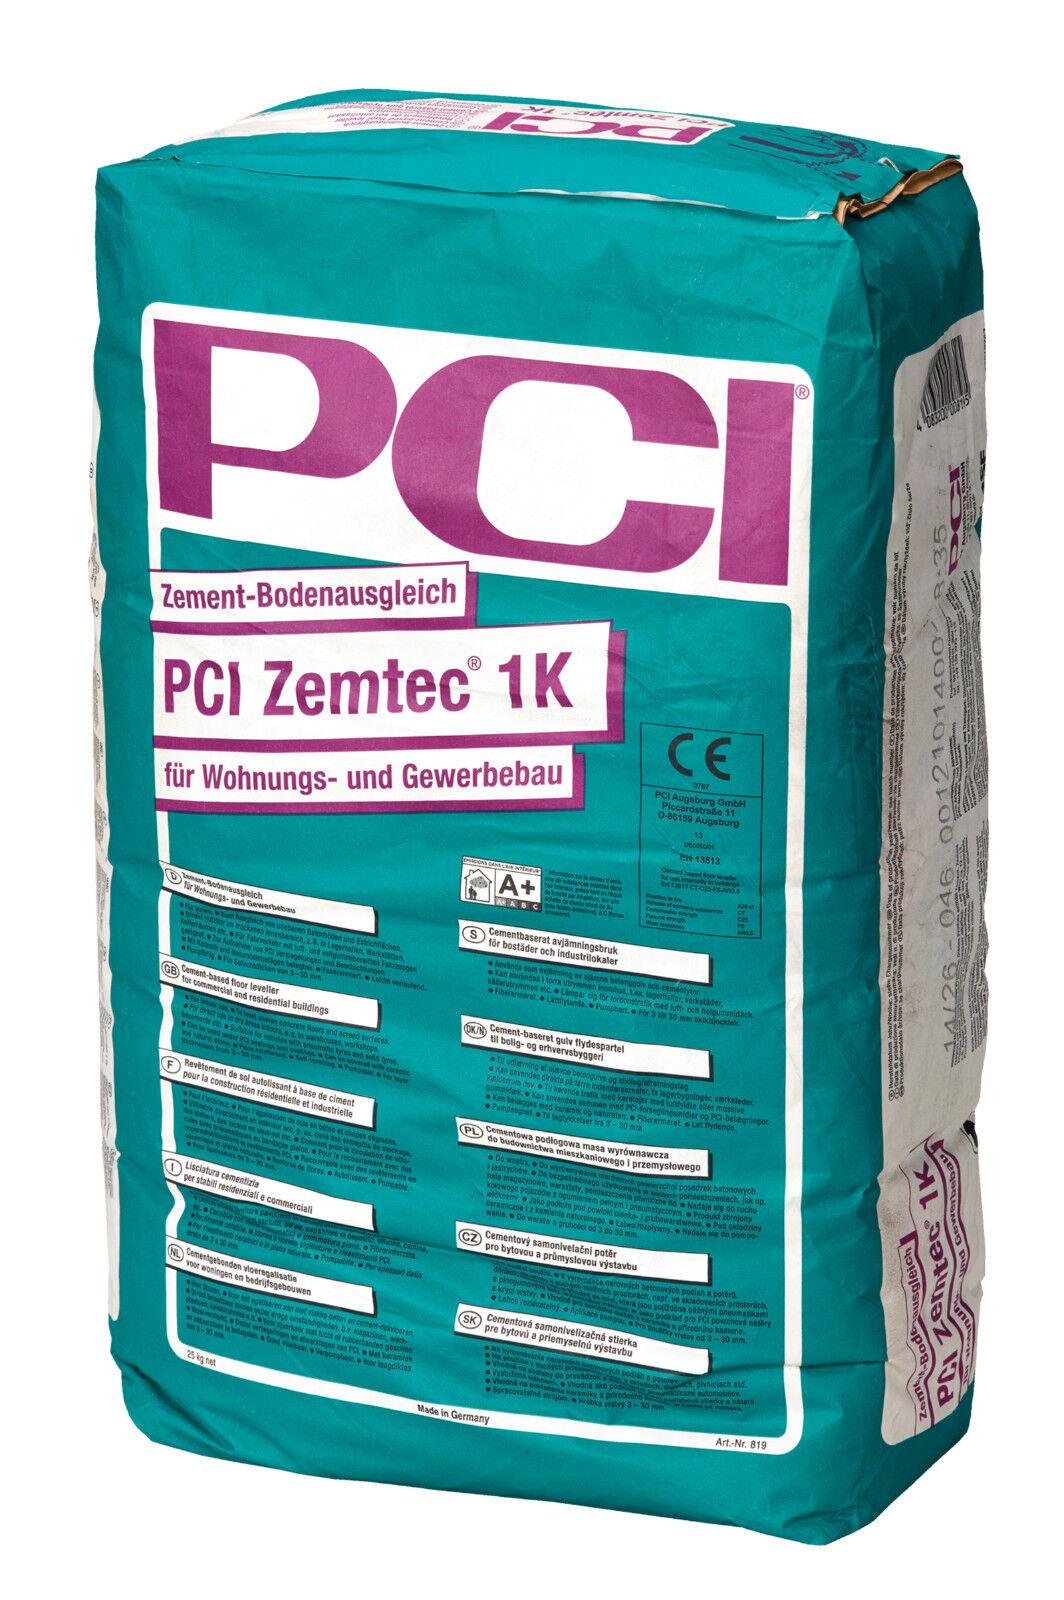 PCI Zemtec® 1K 25 kg Zement-Bodenausgleich für Wohnungs und Gewerbebau 3 - 30 mm